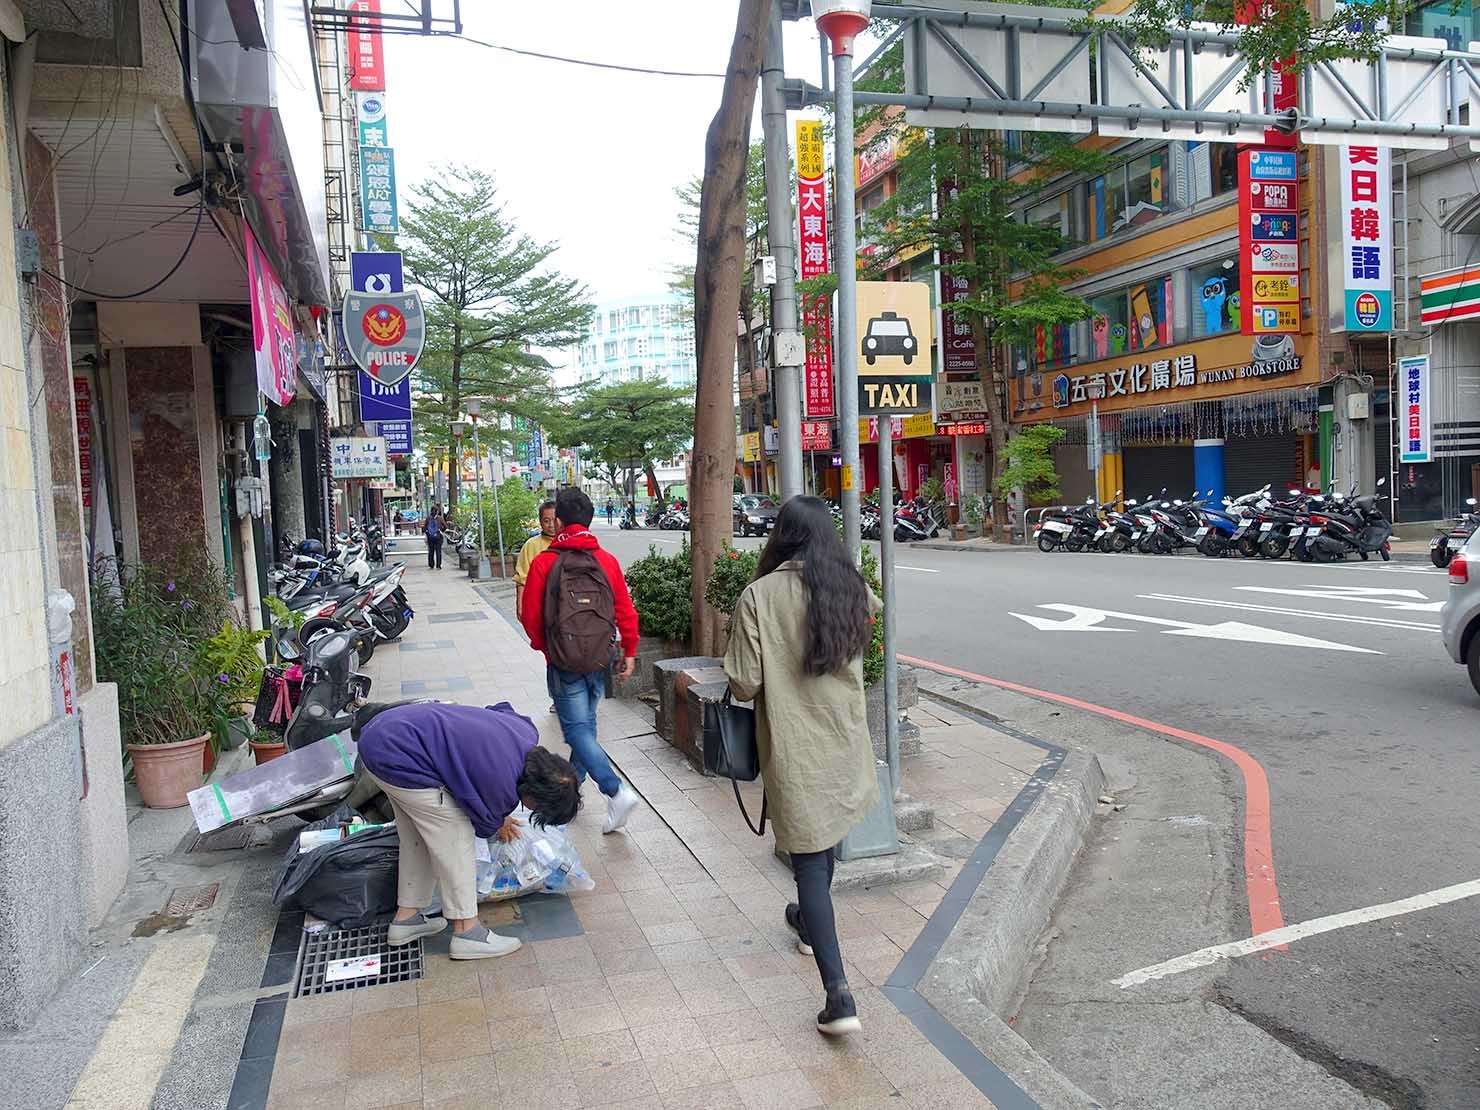 台中駅前「中山路」のタクシー乗り場